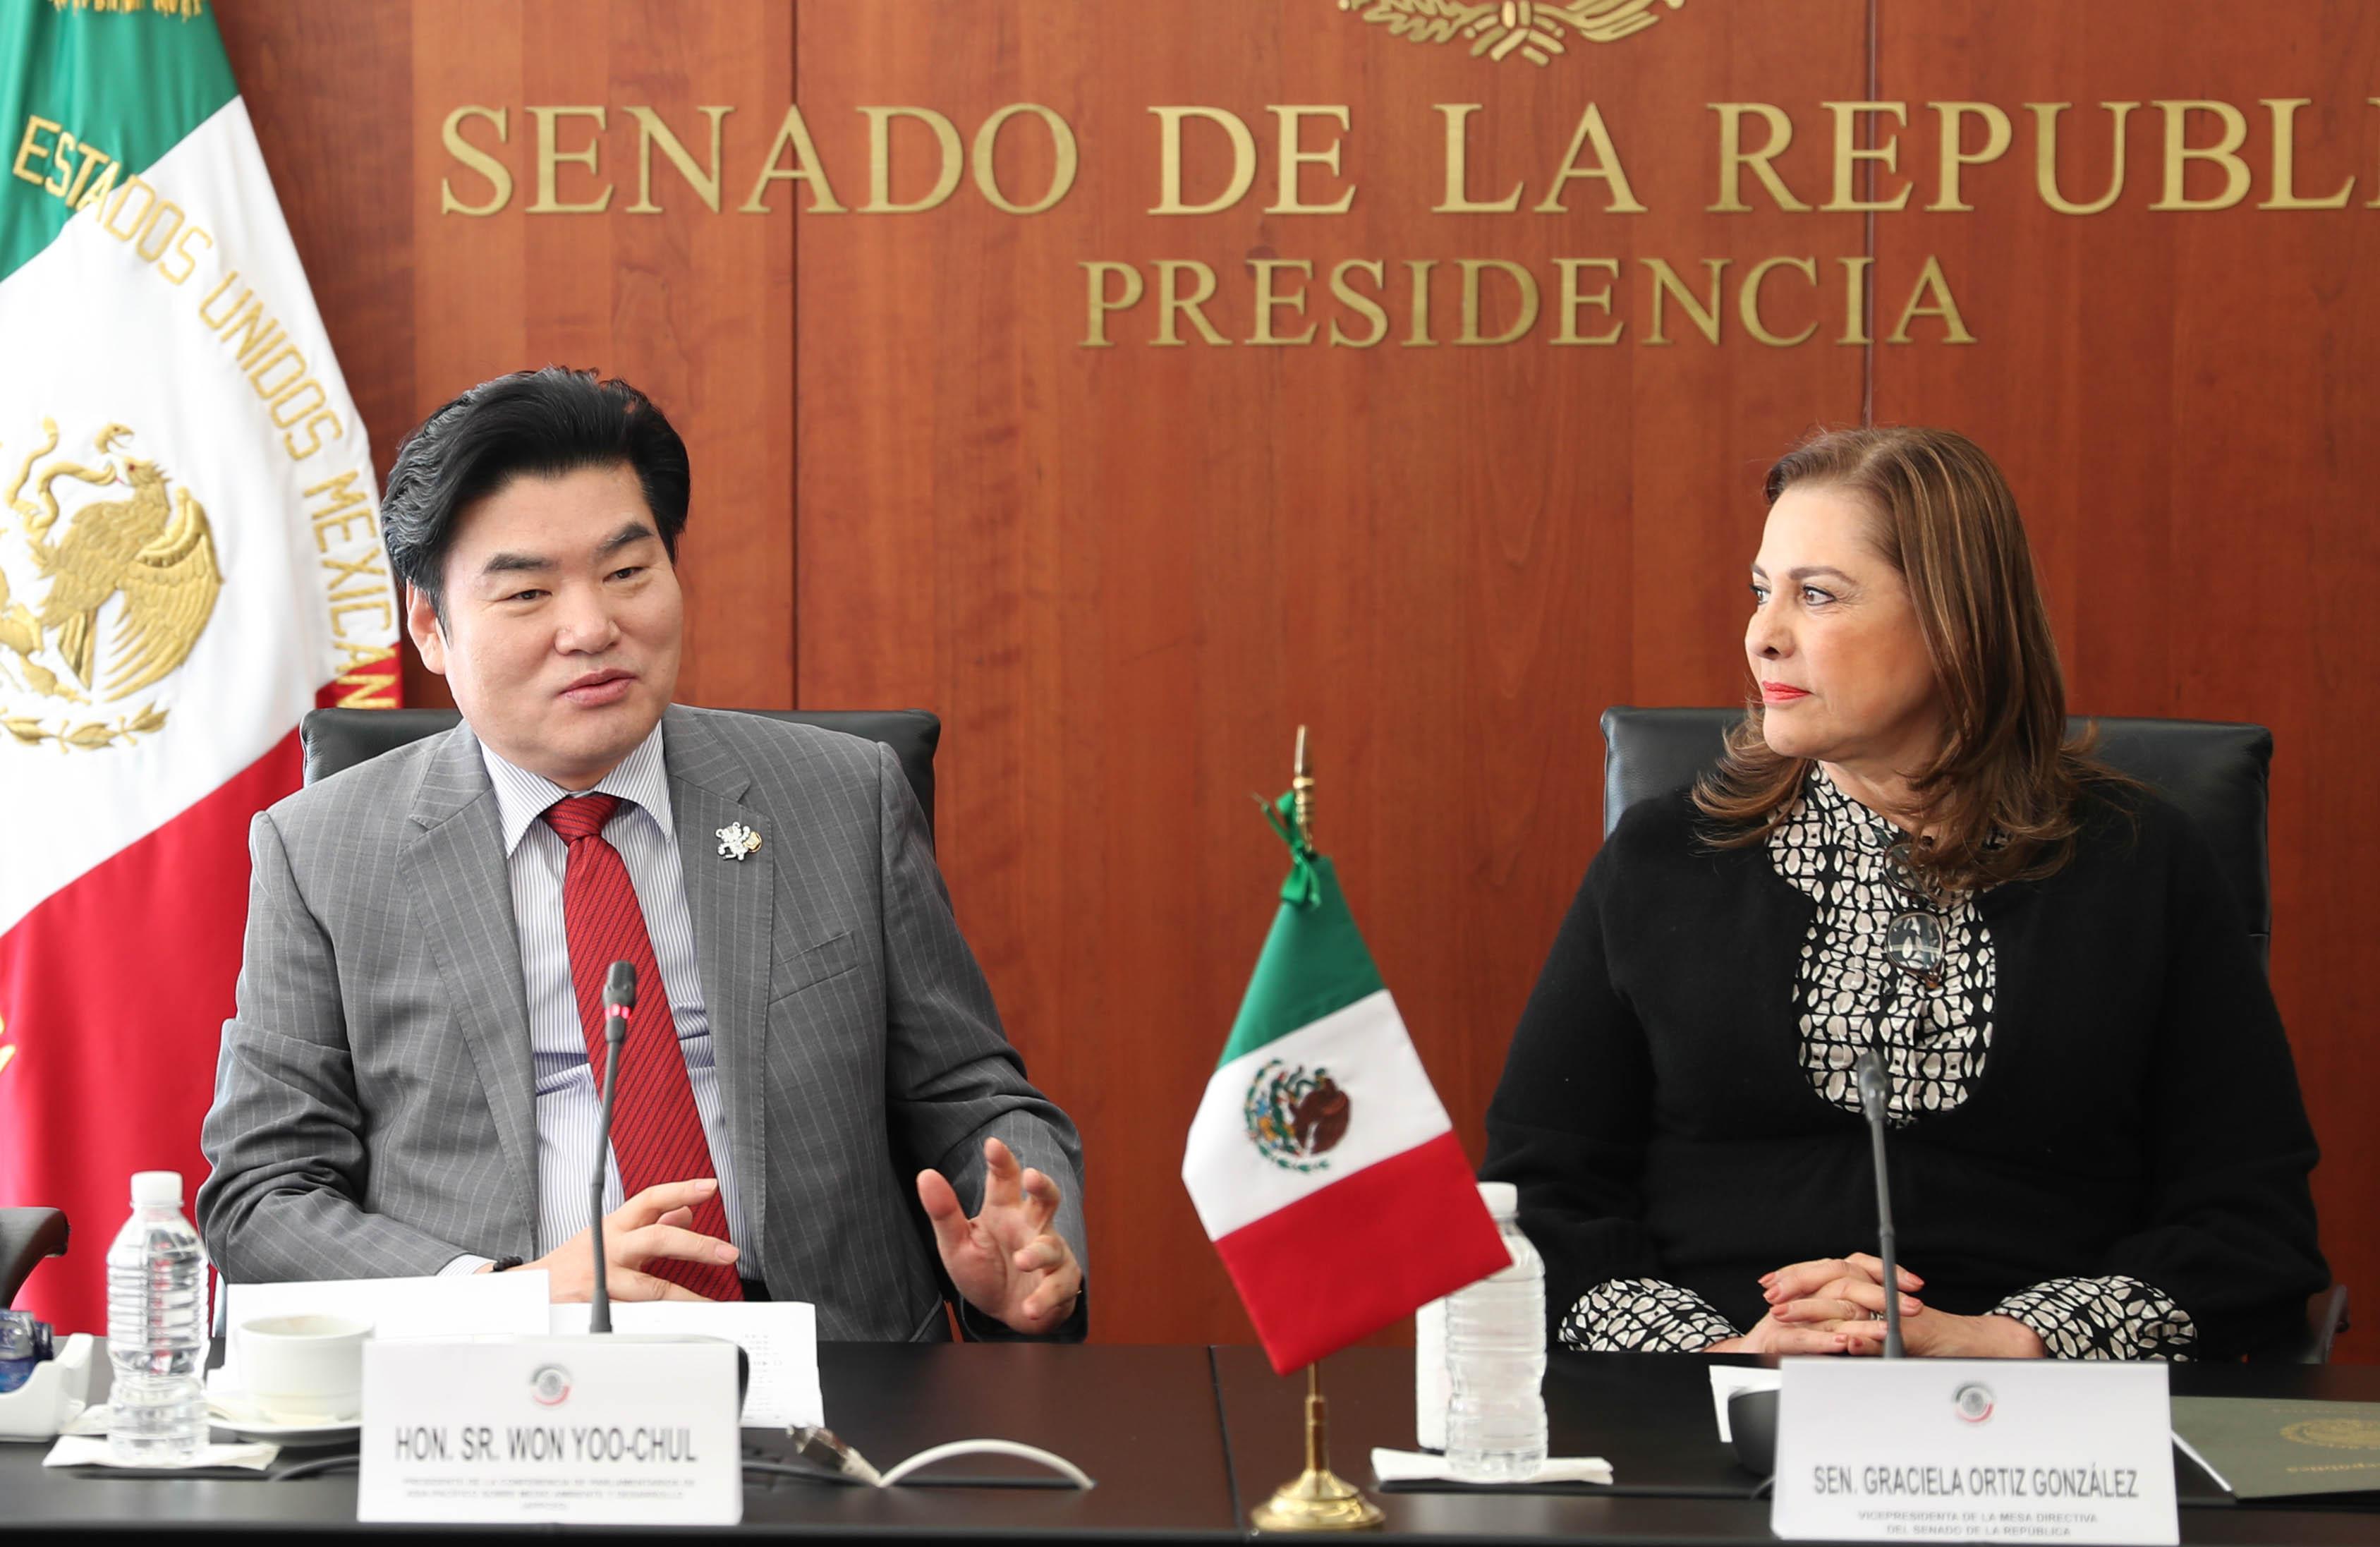 Implementar un desarrollo sostenible, con crecimiento económico y bienestar para todos, principal desafío en el mundo: Graciela Ortiz